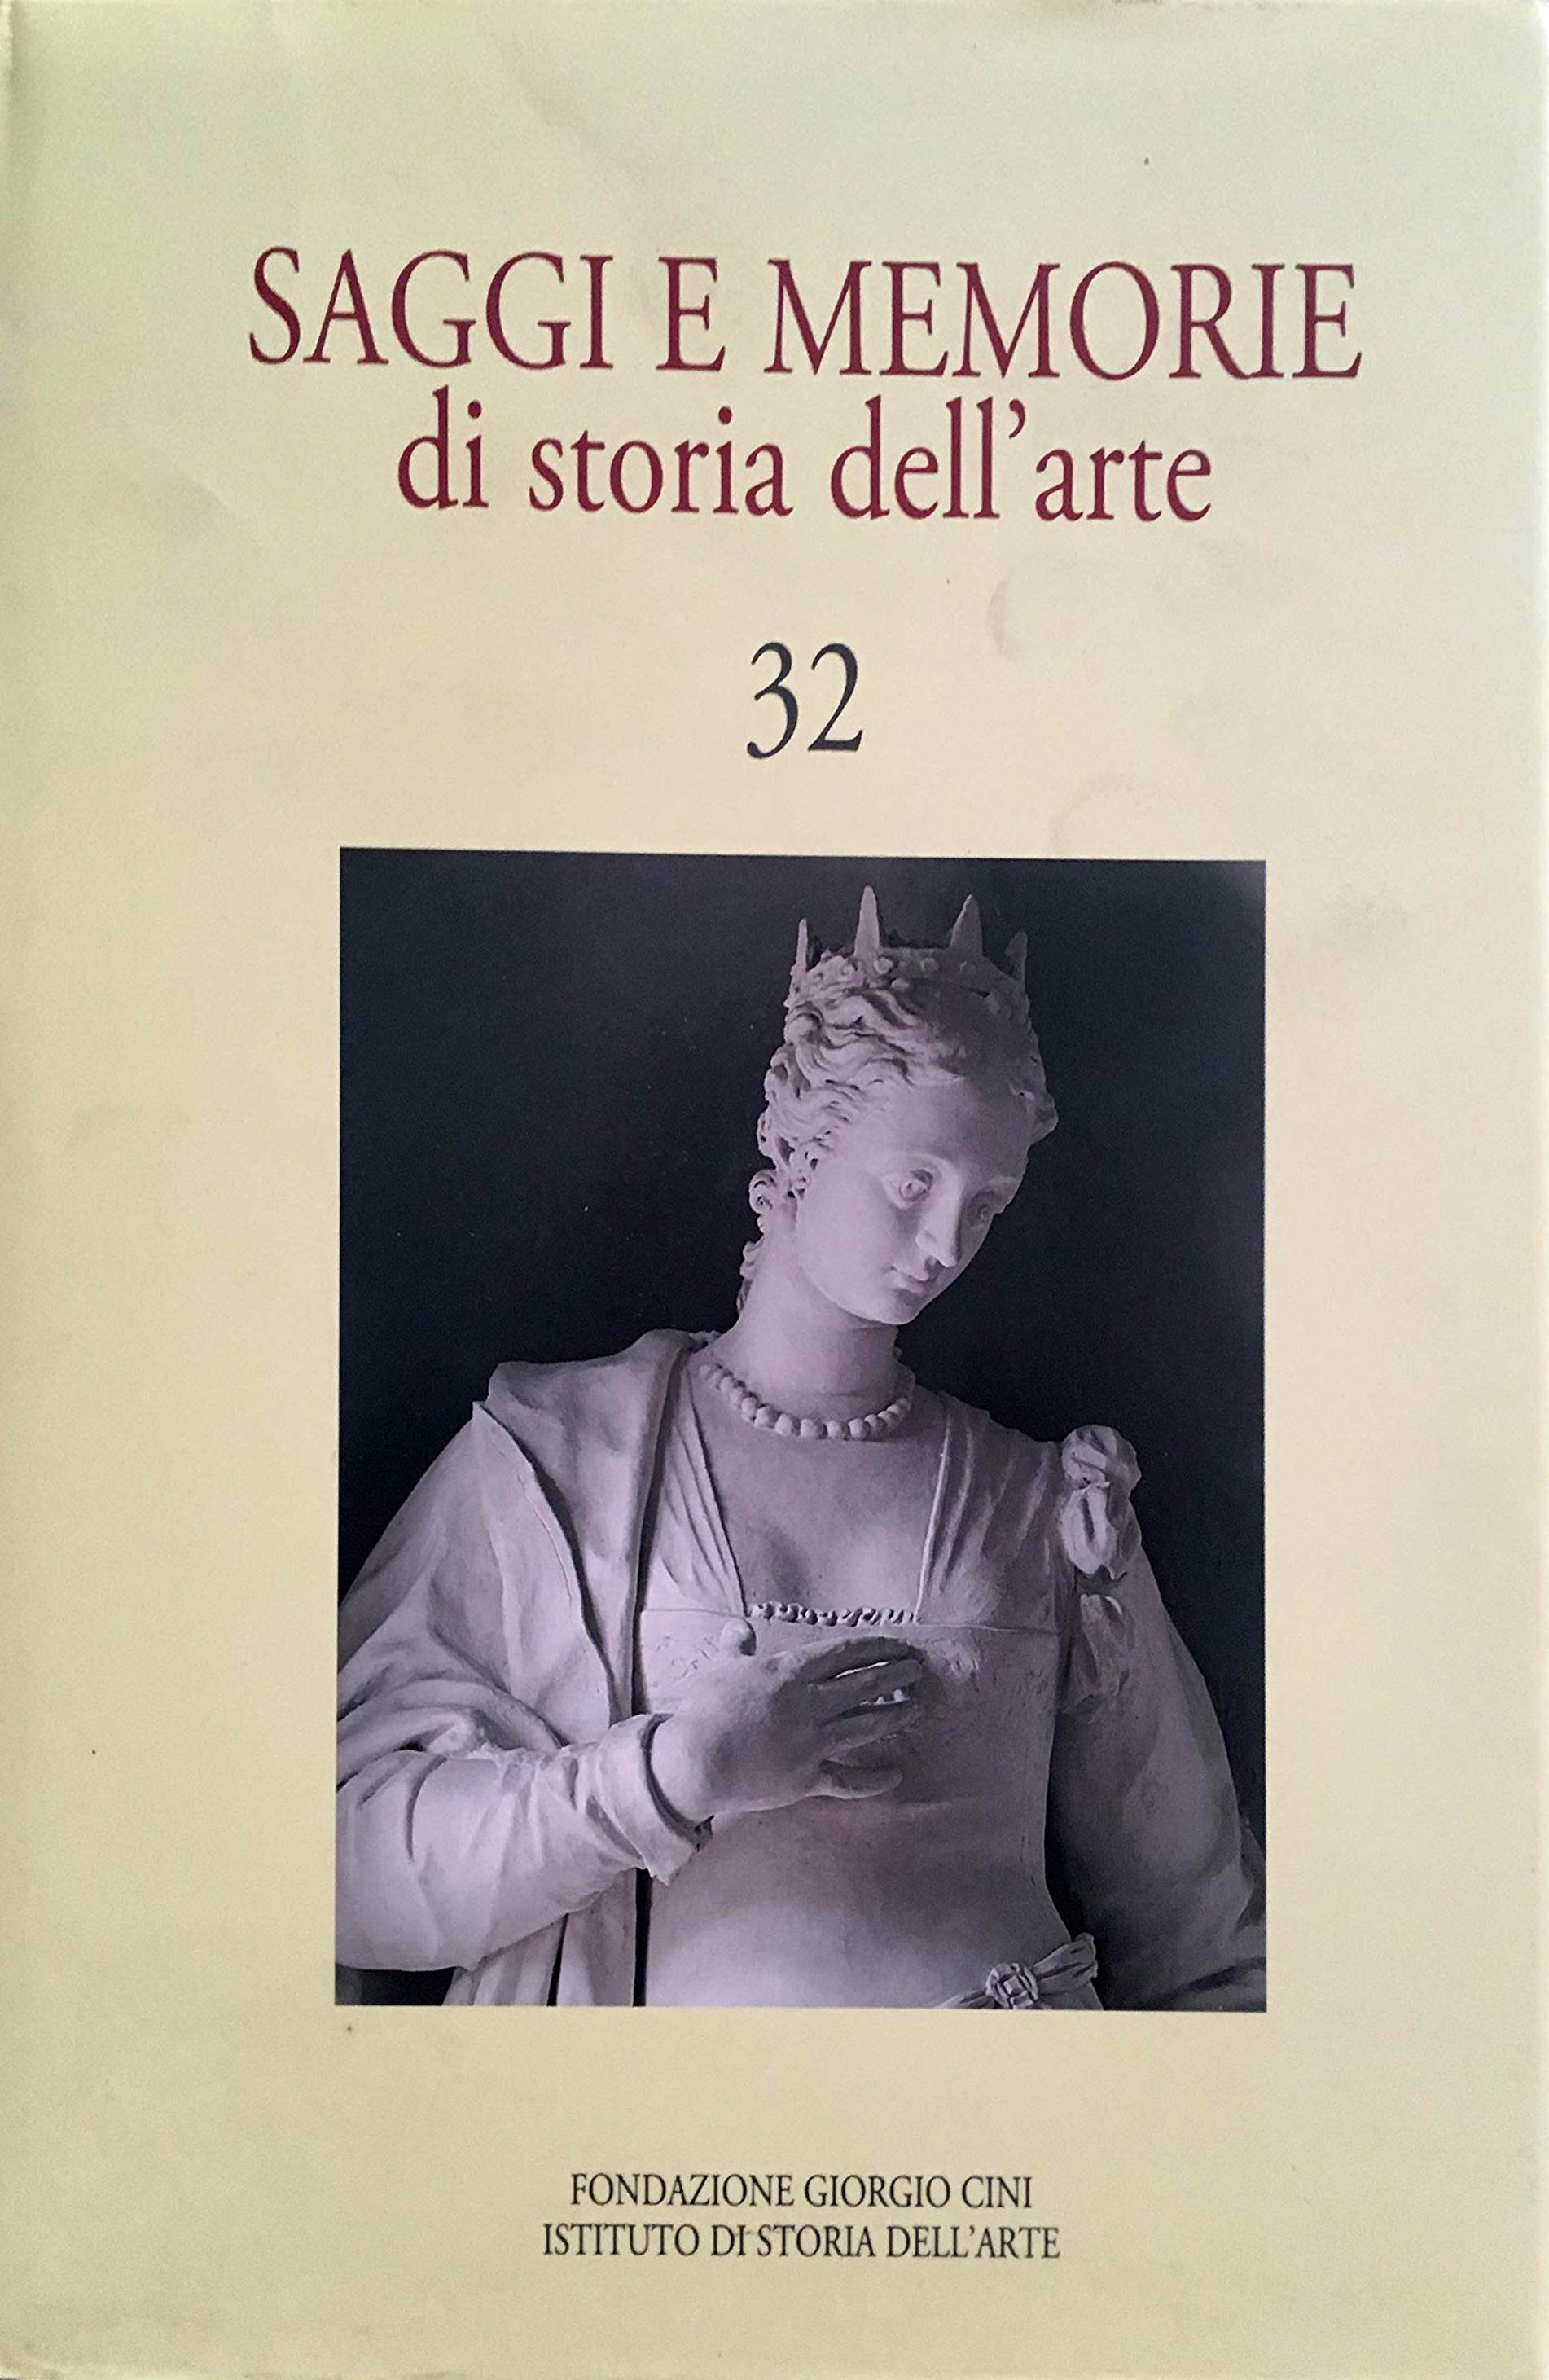 Saggi e memorie di storia dell'arte. 32